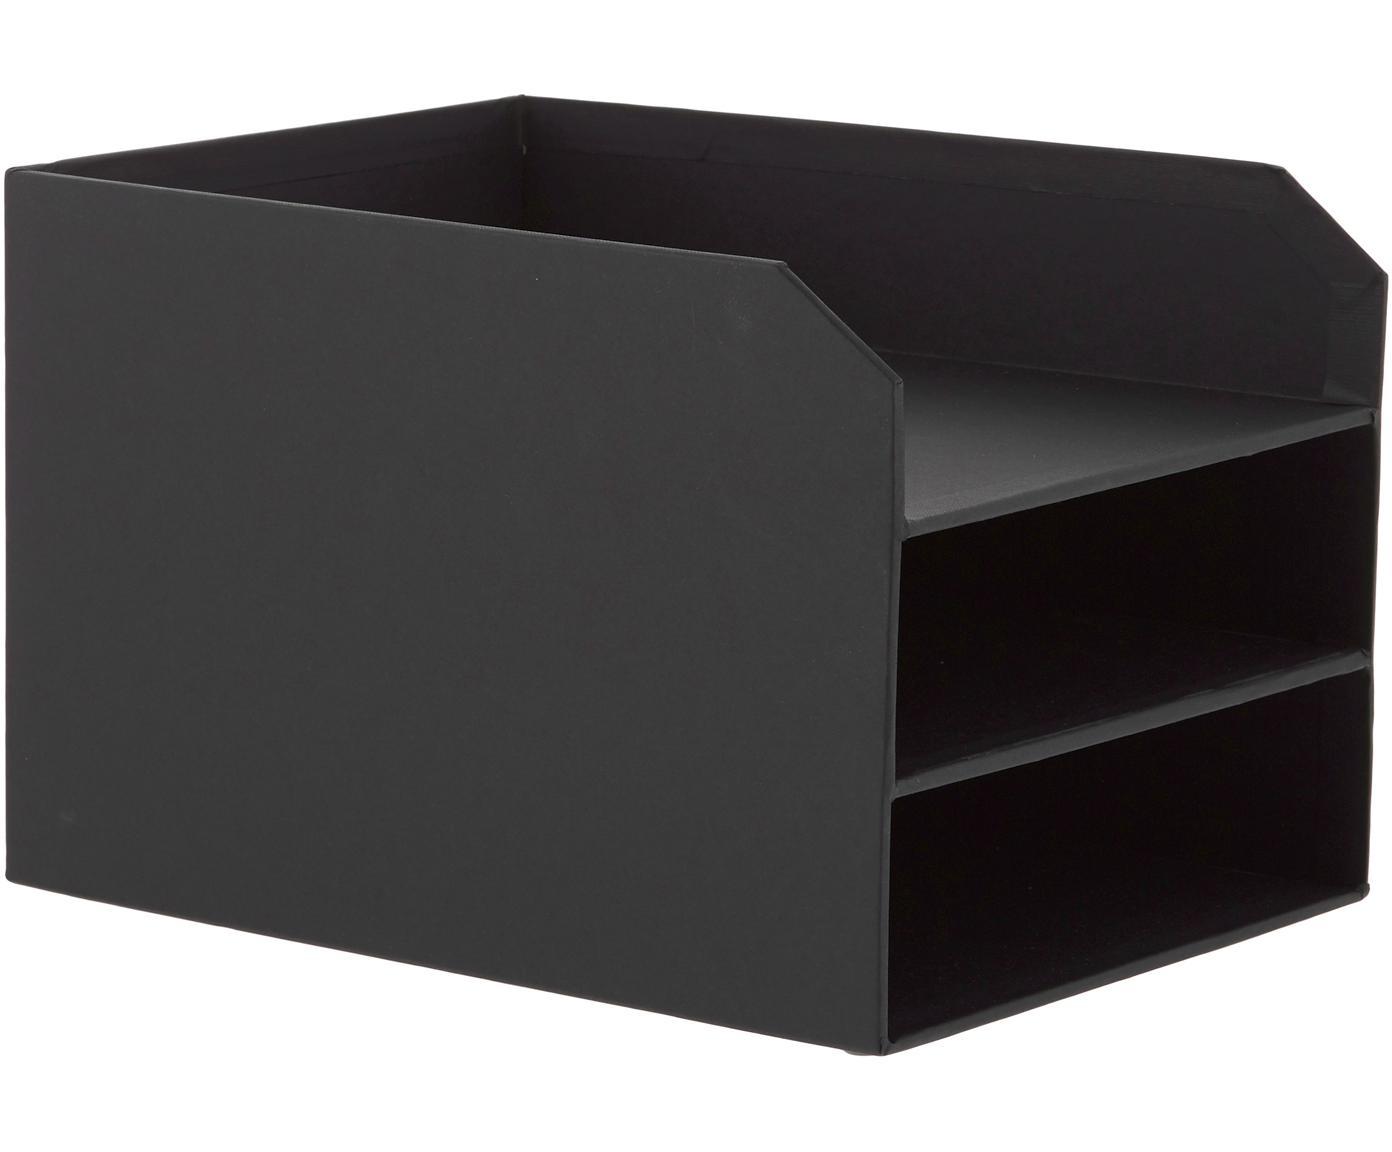 Tacka na dokumenty Trey, Tektura laminowana, Czarny, S 23 x W 21 cm